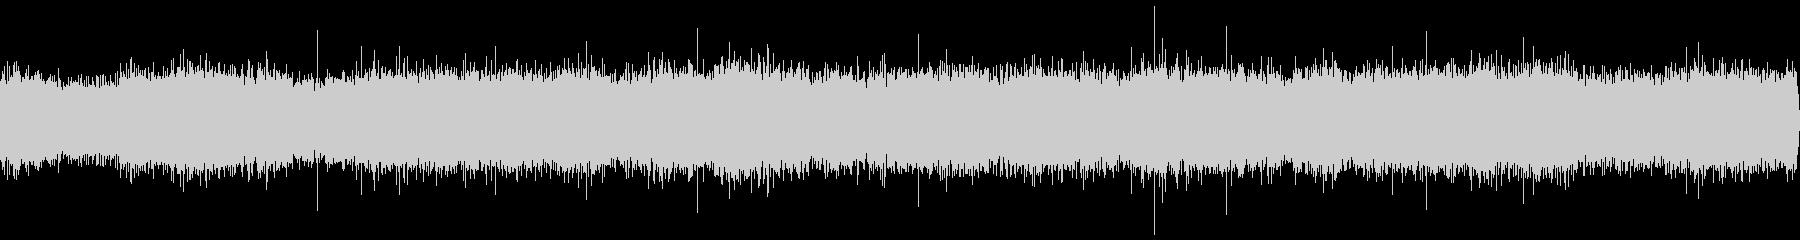 川の環境音 02の未再生の波形